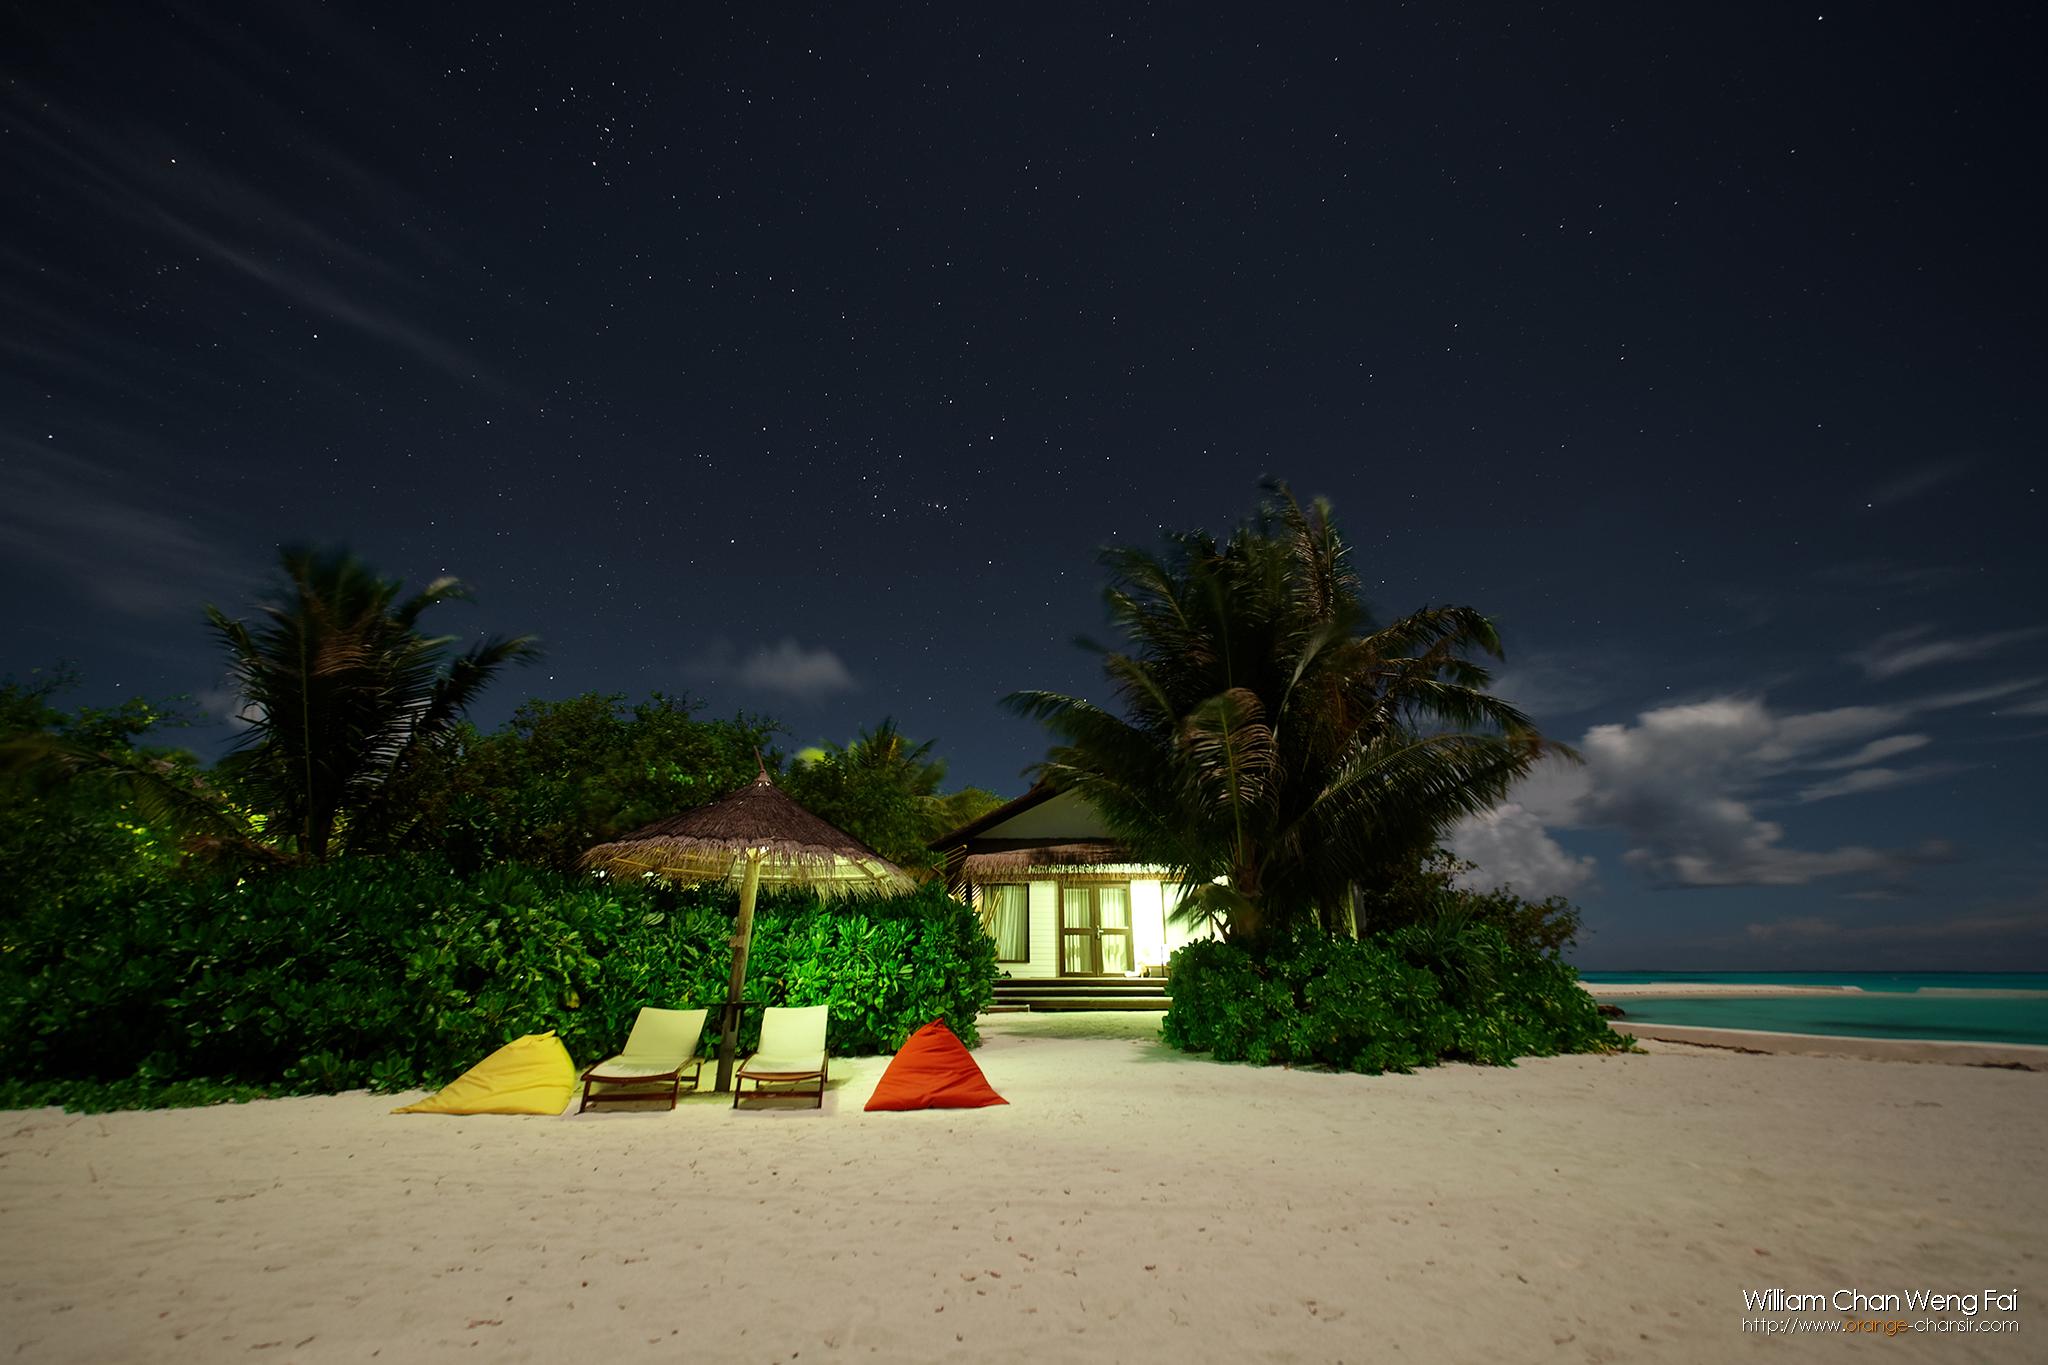 馬爾代夫的夏季星空